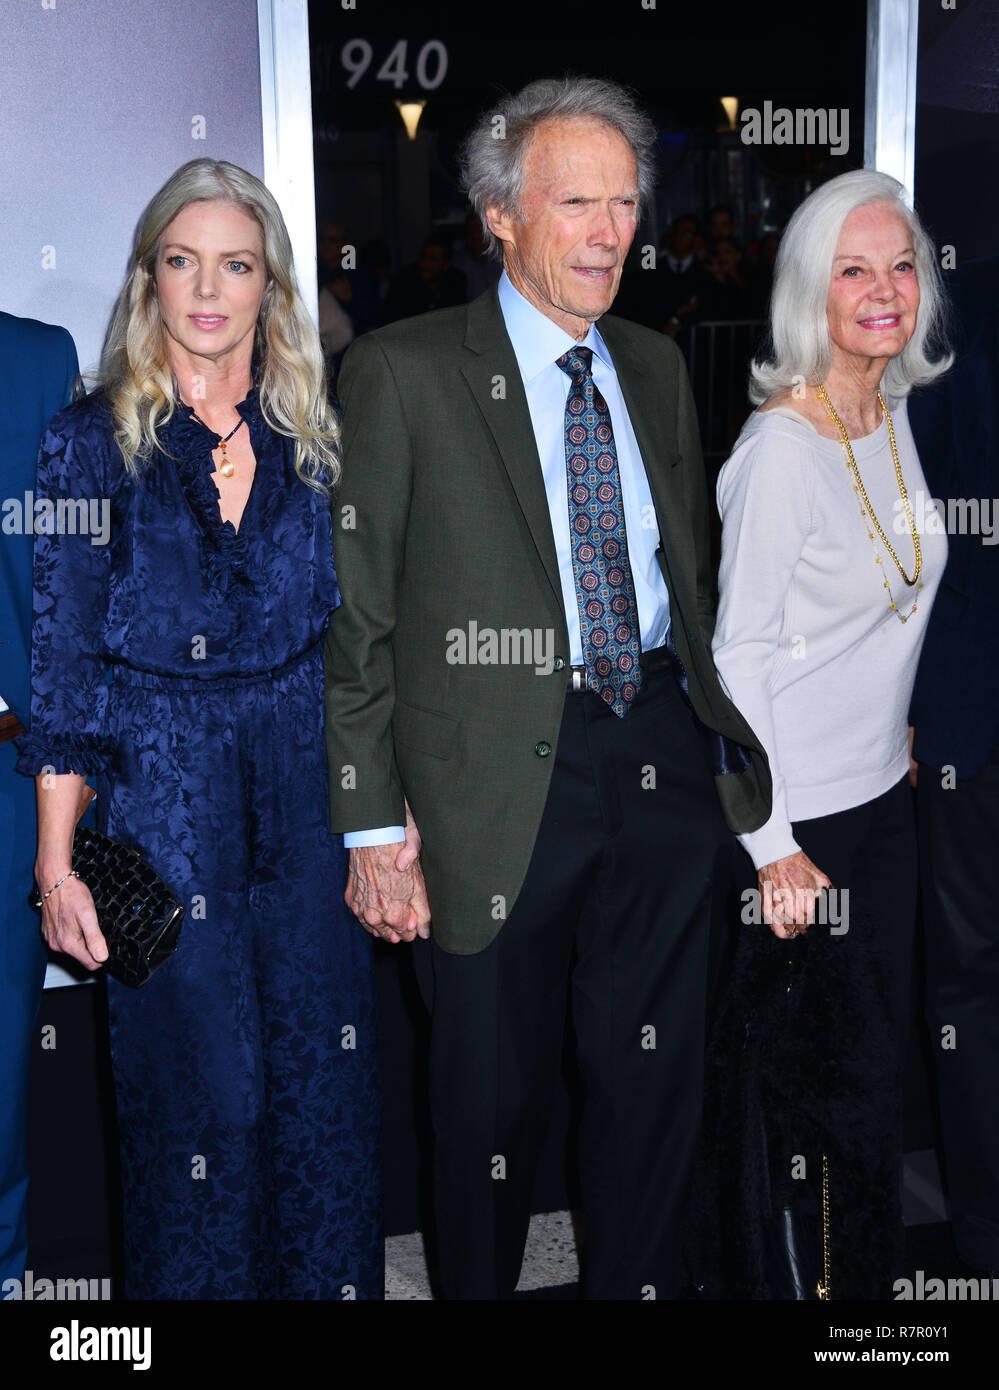 Westwood, California, USA. 10 de diciembre de 2018. Clint Eastwood y Christina Sandera 219 asiste a Warner Bros Pictures estreno mundial de 'La Mula' en el Regency Village theater el 10 de diciembre de 2018, en Westwood, California. Crédito: Tsuni / USA/Alamy Live News Foto de stock